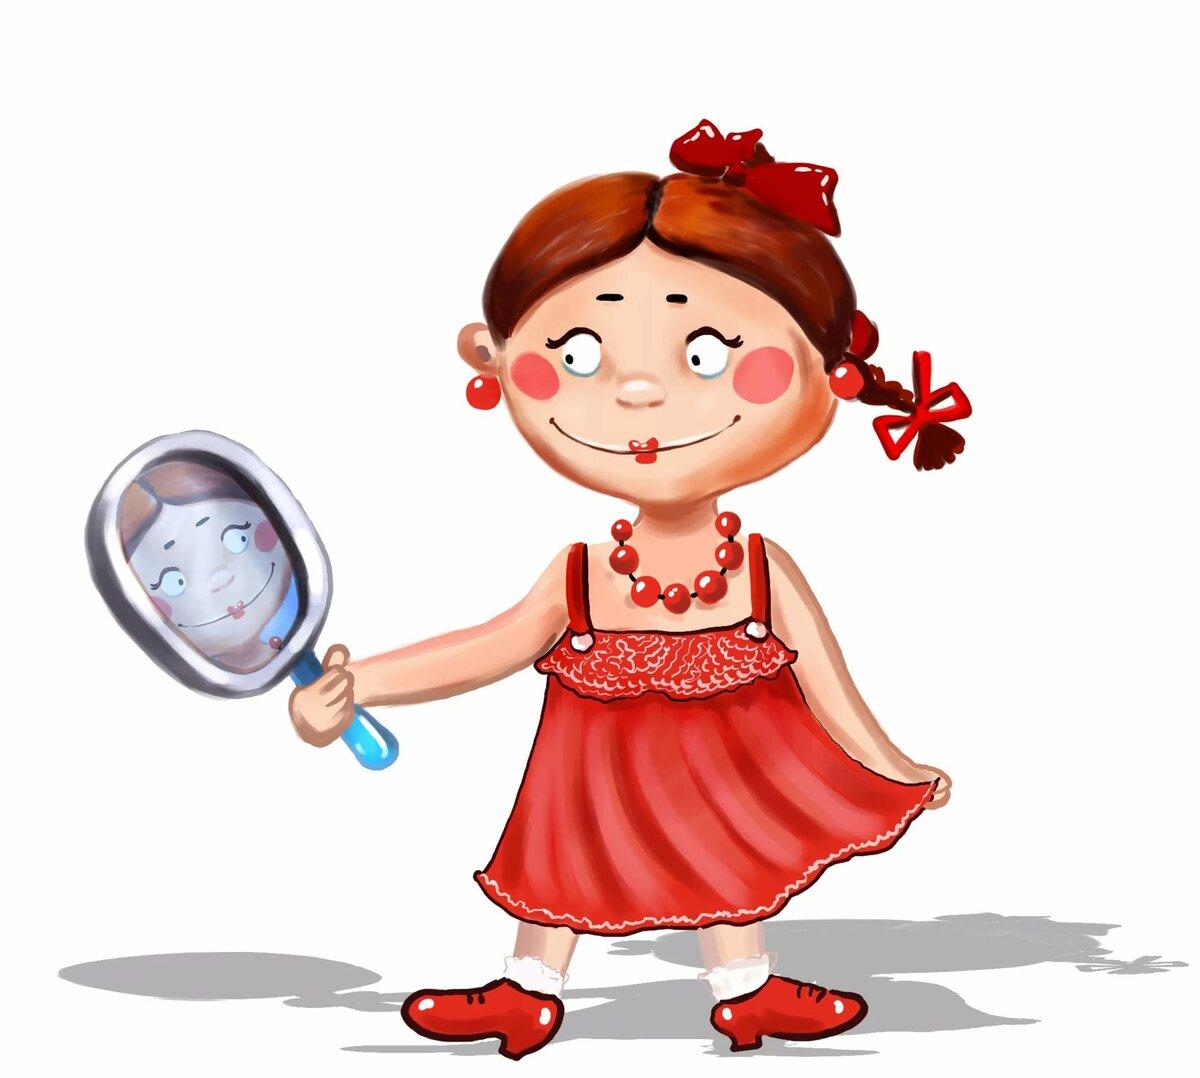 смешная девчушка рисунки женщины любили бусы